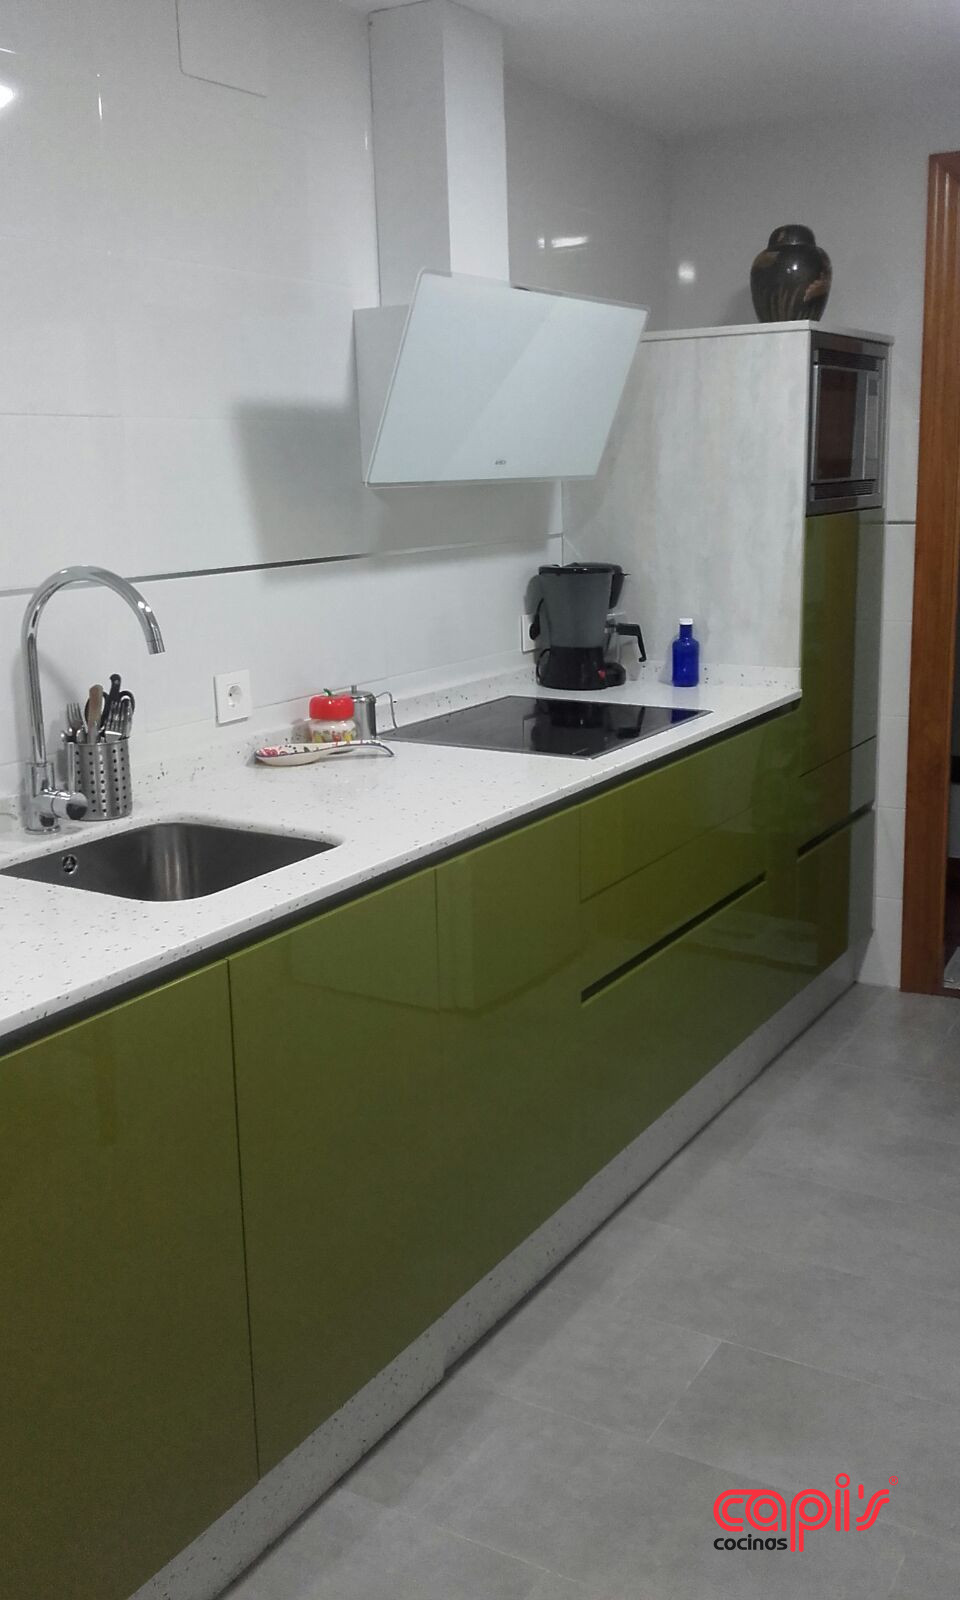 Cocina verde y pizarra cocinas capis dise o y for Cocina encimera verde